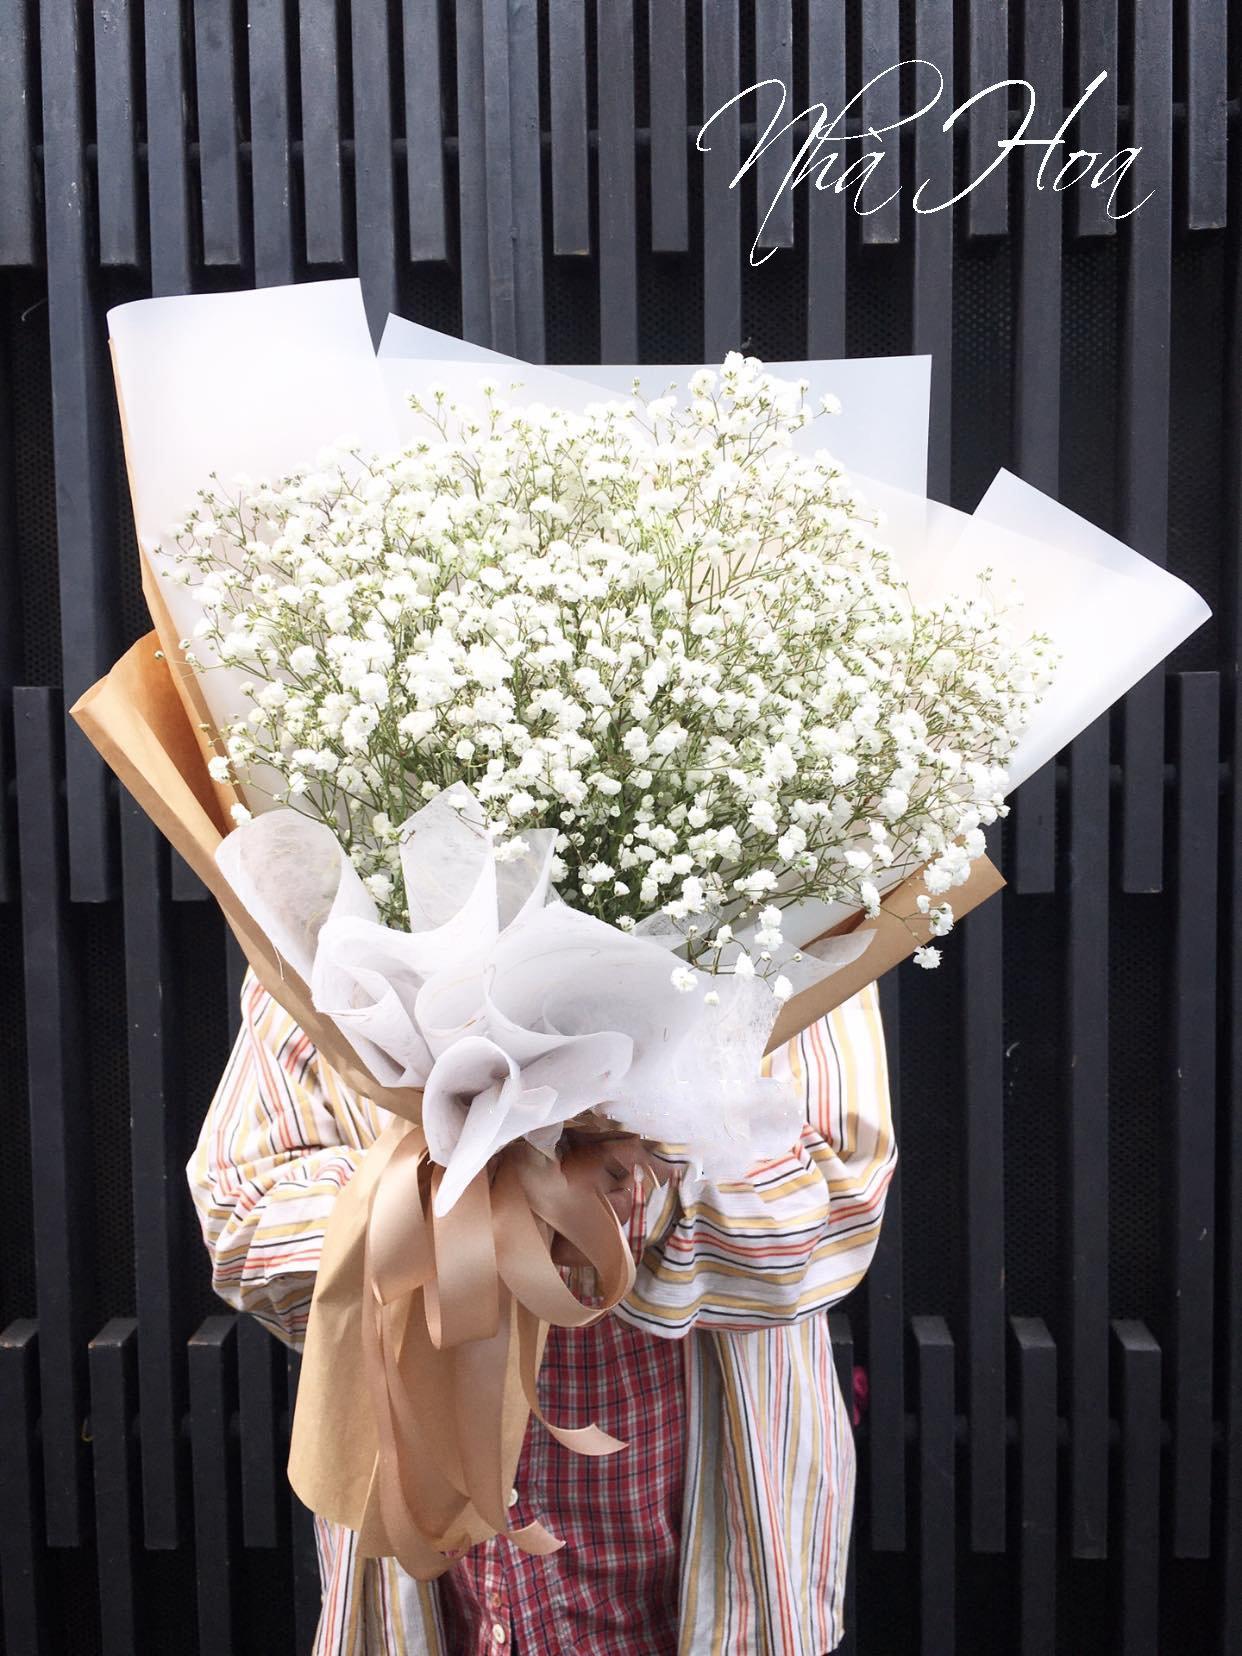 Shop hoa tươi quận 7 giá rẻ đẹp và chất lượng tại Hồ Chí Minh